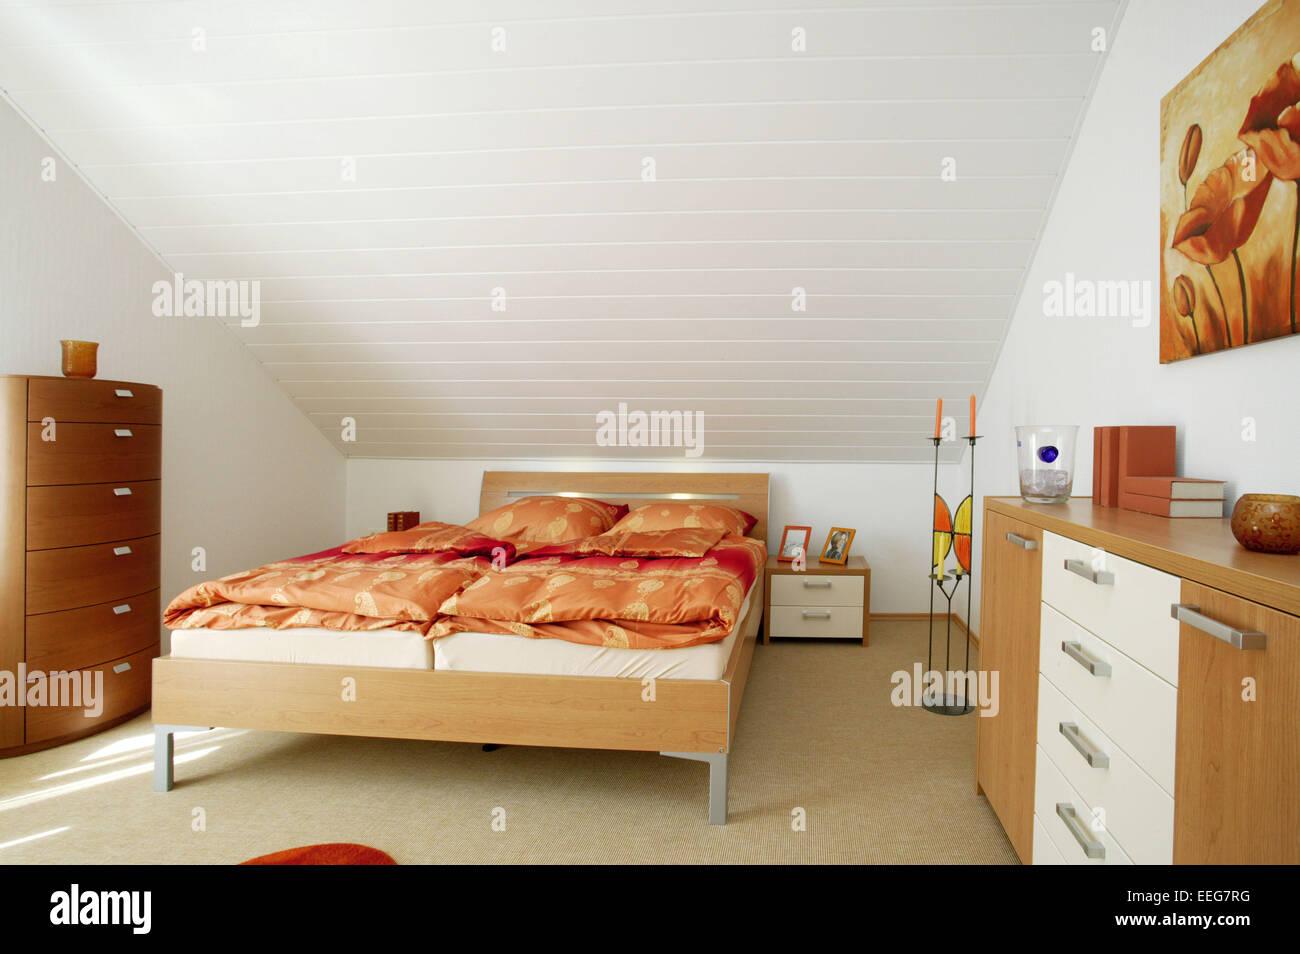 Schlafzimmer wohnen innenaufnahme inneneinrichtung wohnung wohnraum stock photo 77804036 alamy - Inneneinrichtung schlafzimmer ...